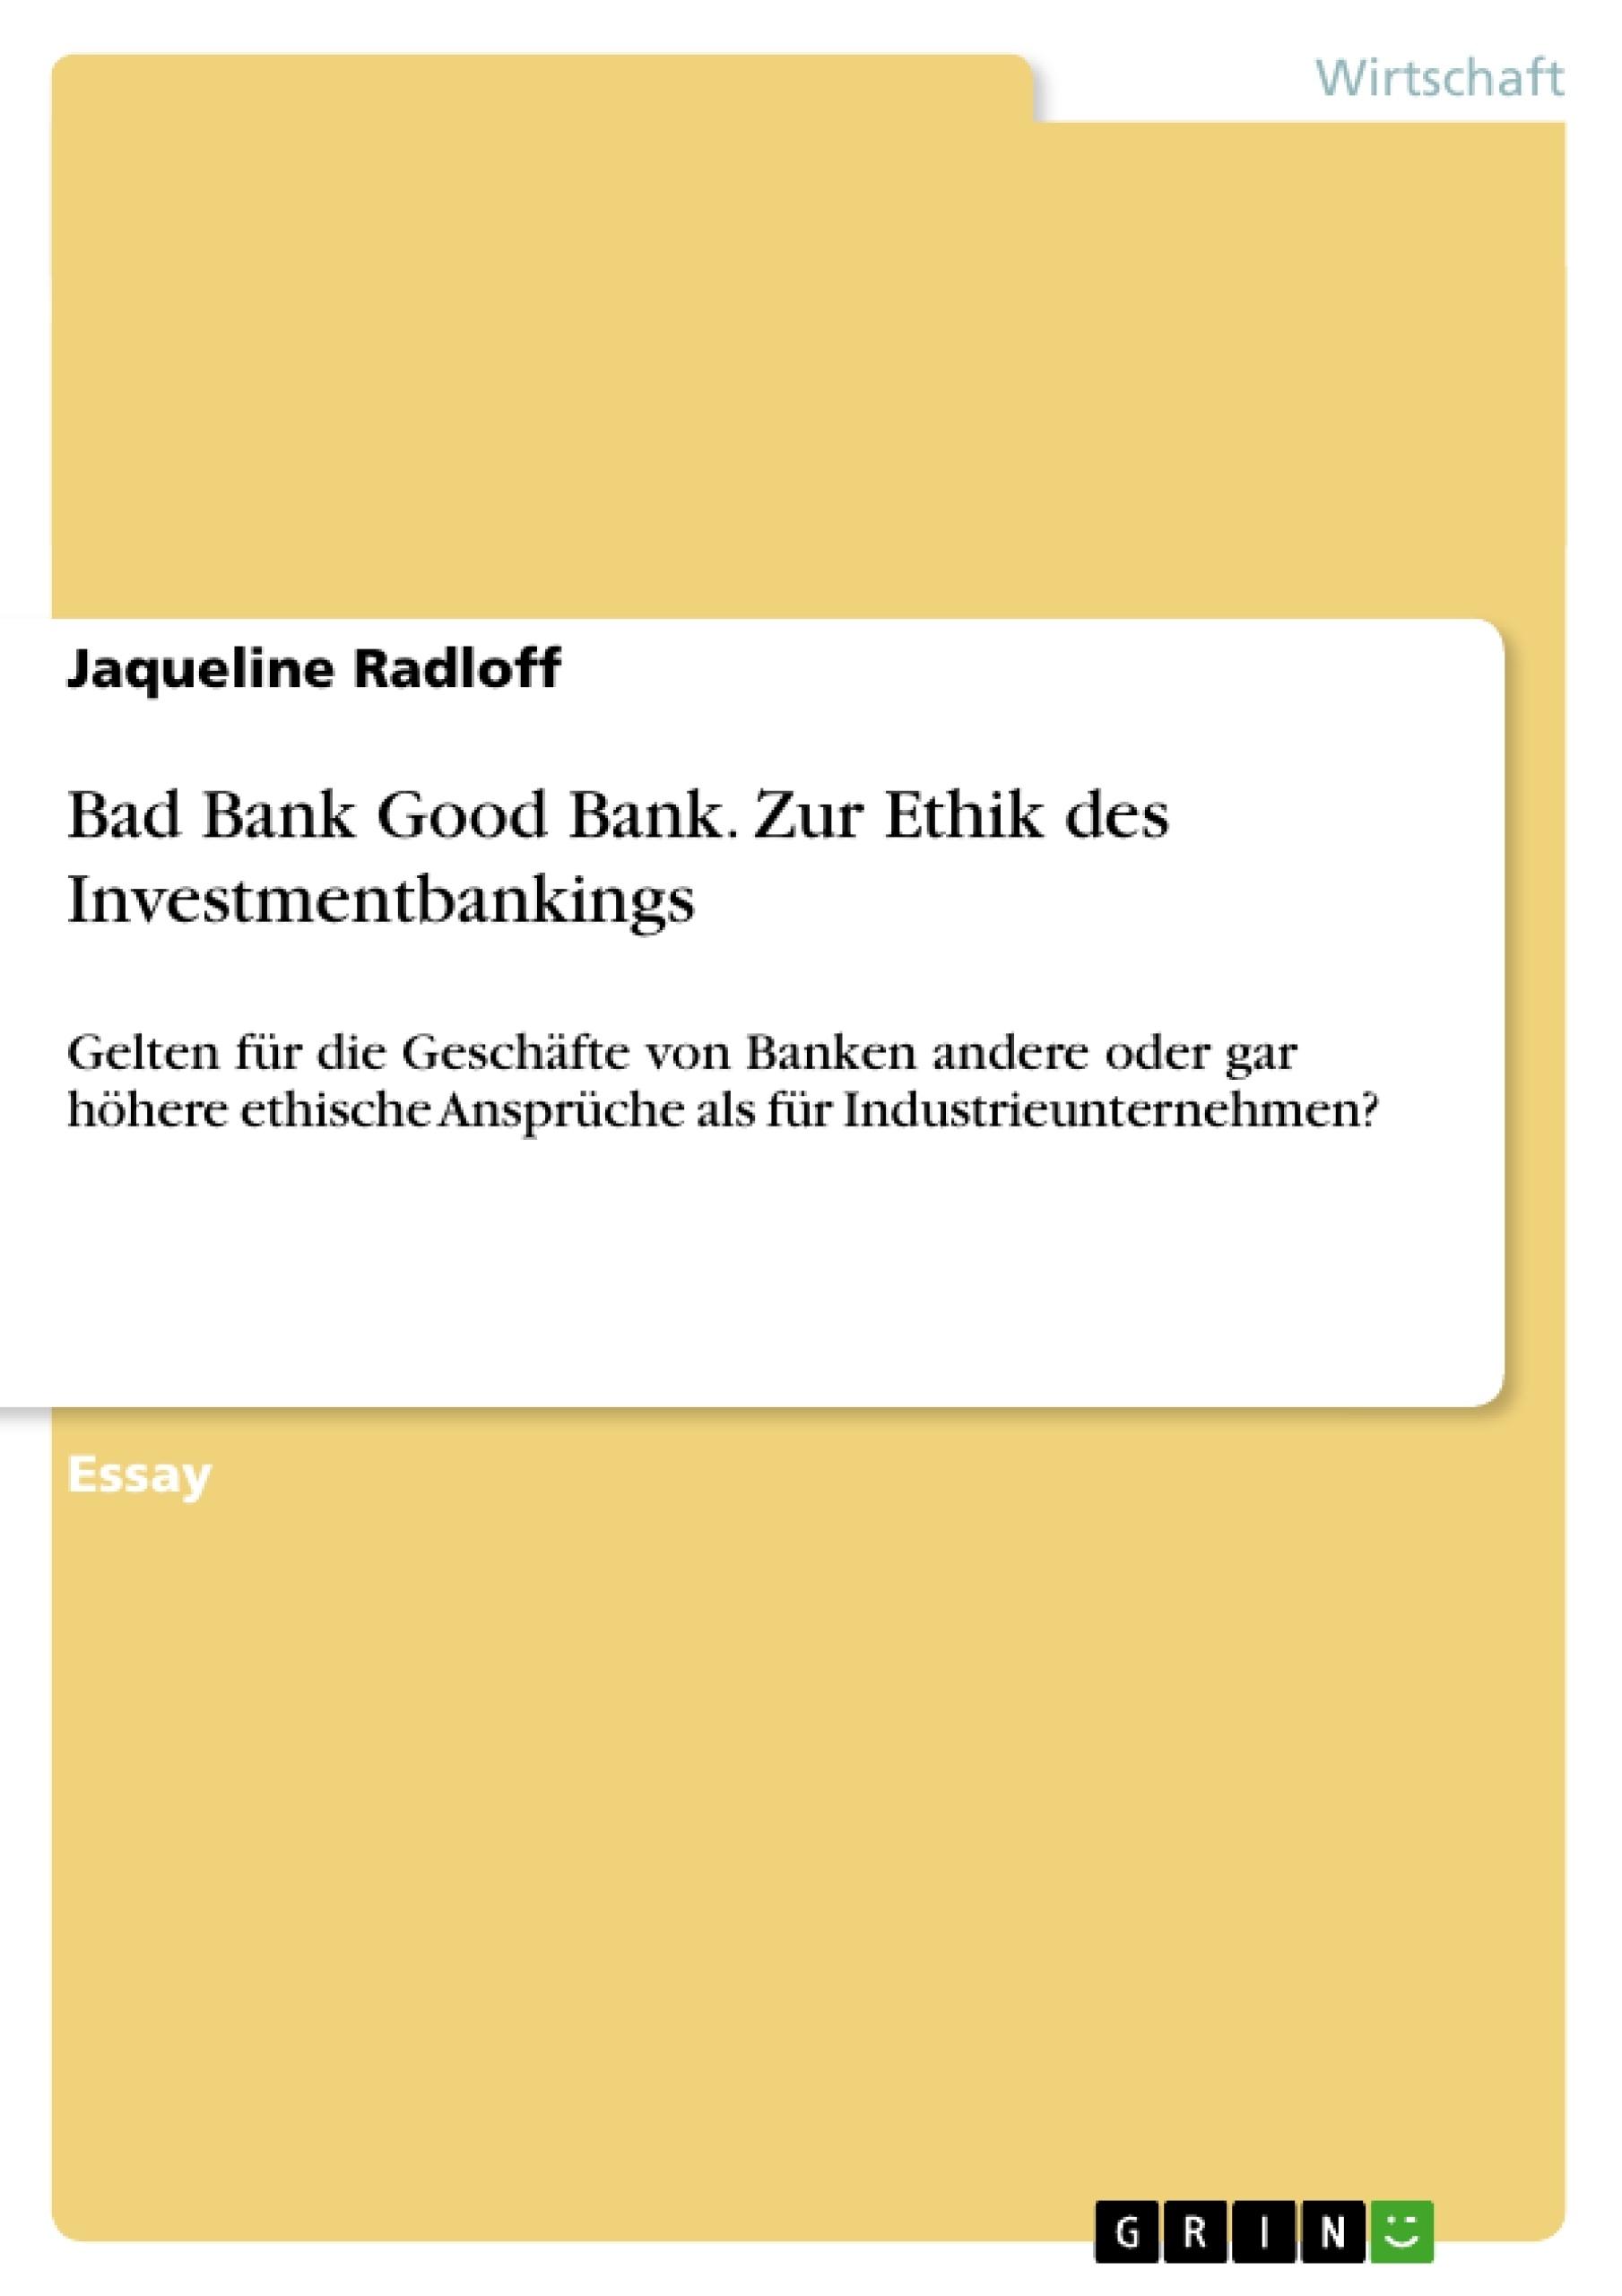 Titel: Bad Bank Good Bank. Zur Ethik des Investmentbankings